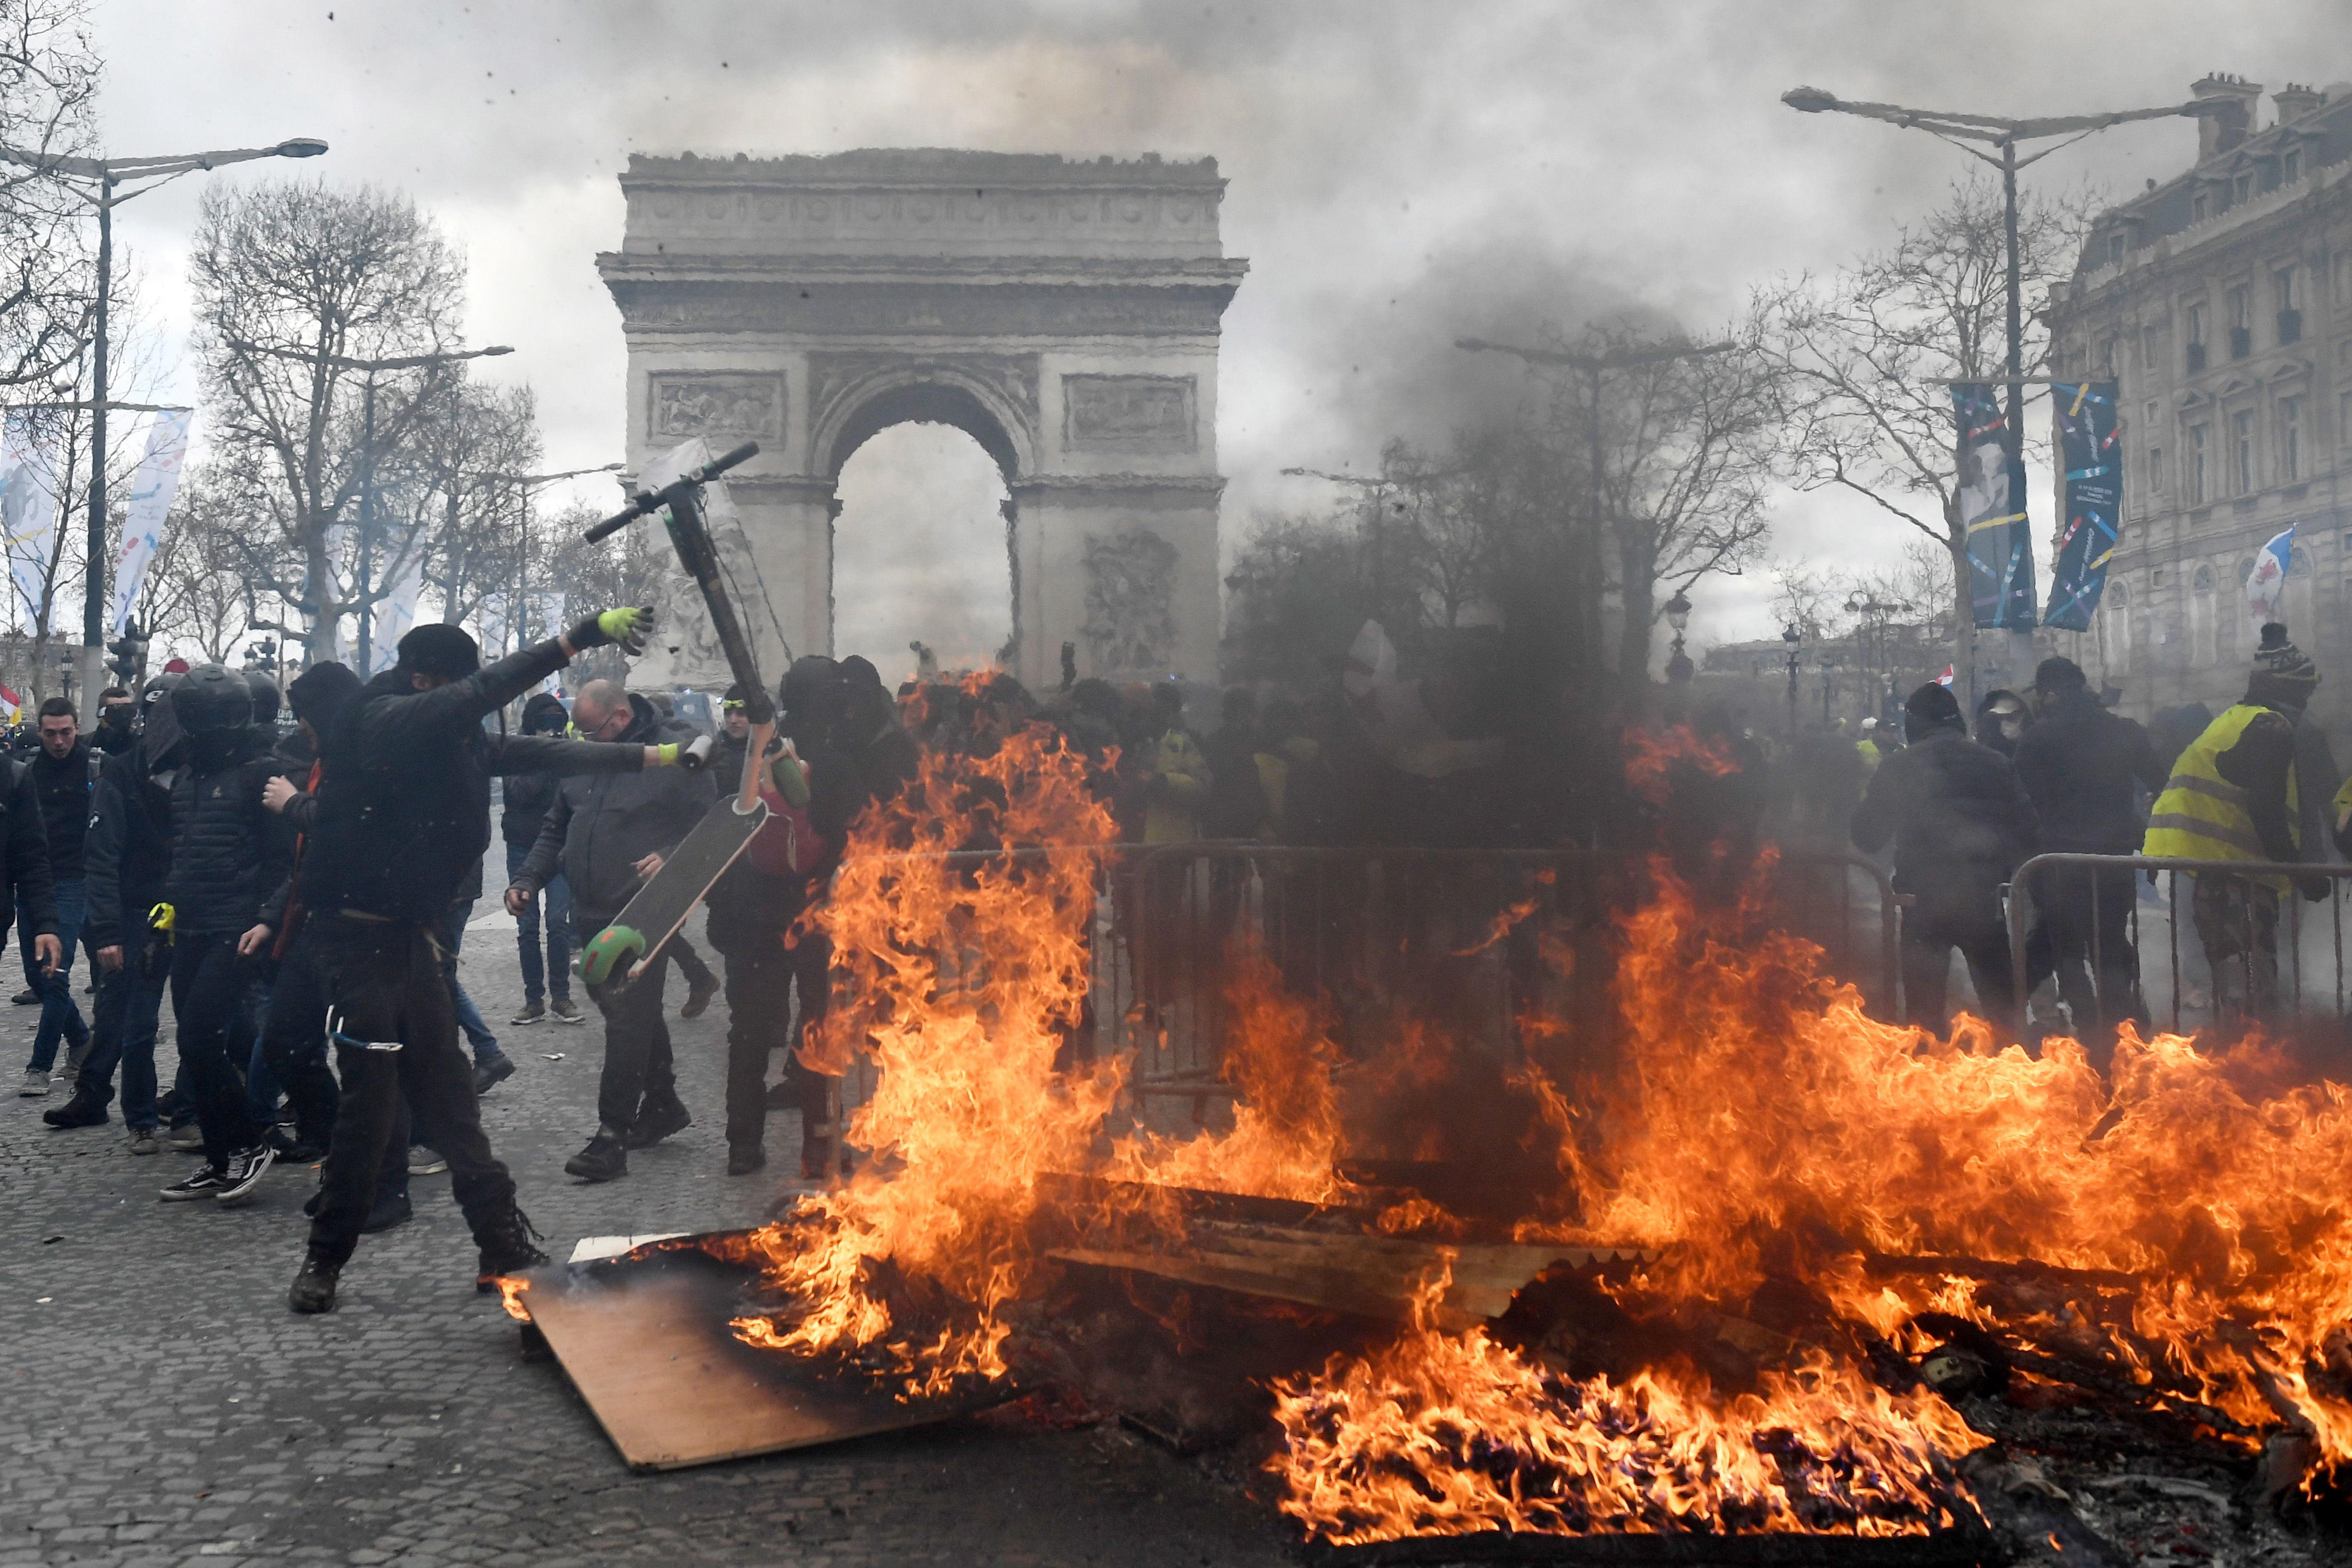 Los manifestantes se enfrentan a las fuerzas policiales cuando estallan las protestas en los Campos Elíseos. Foto Prensa Libre: EFE